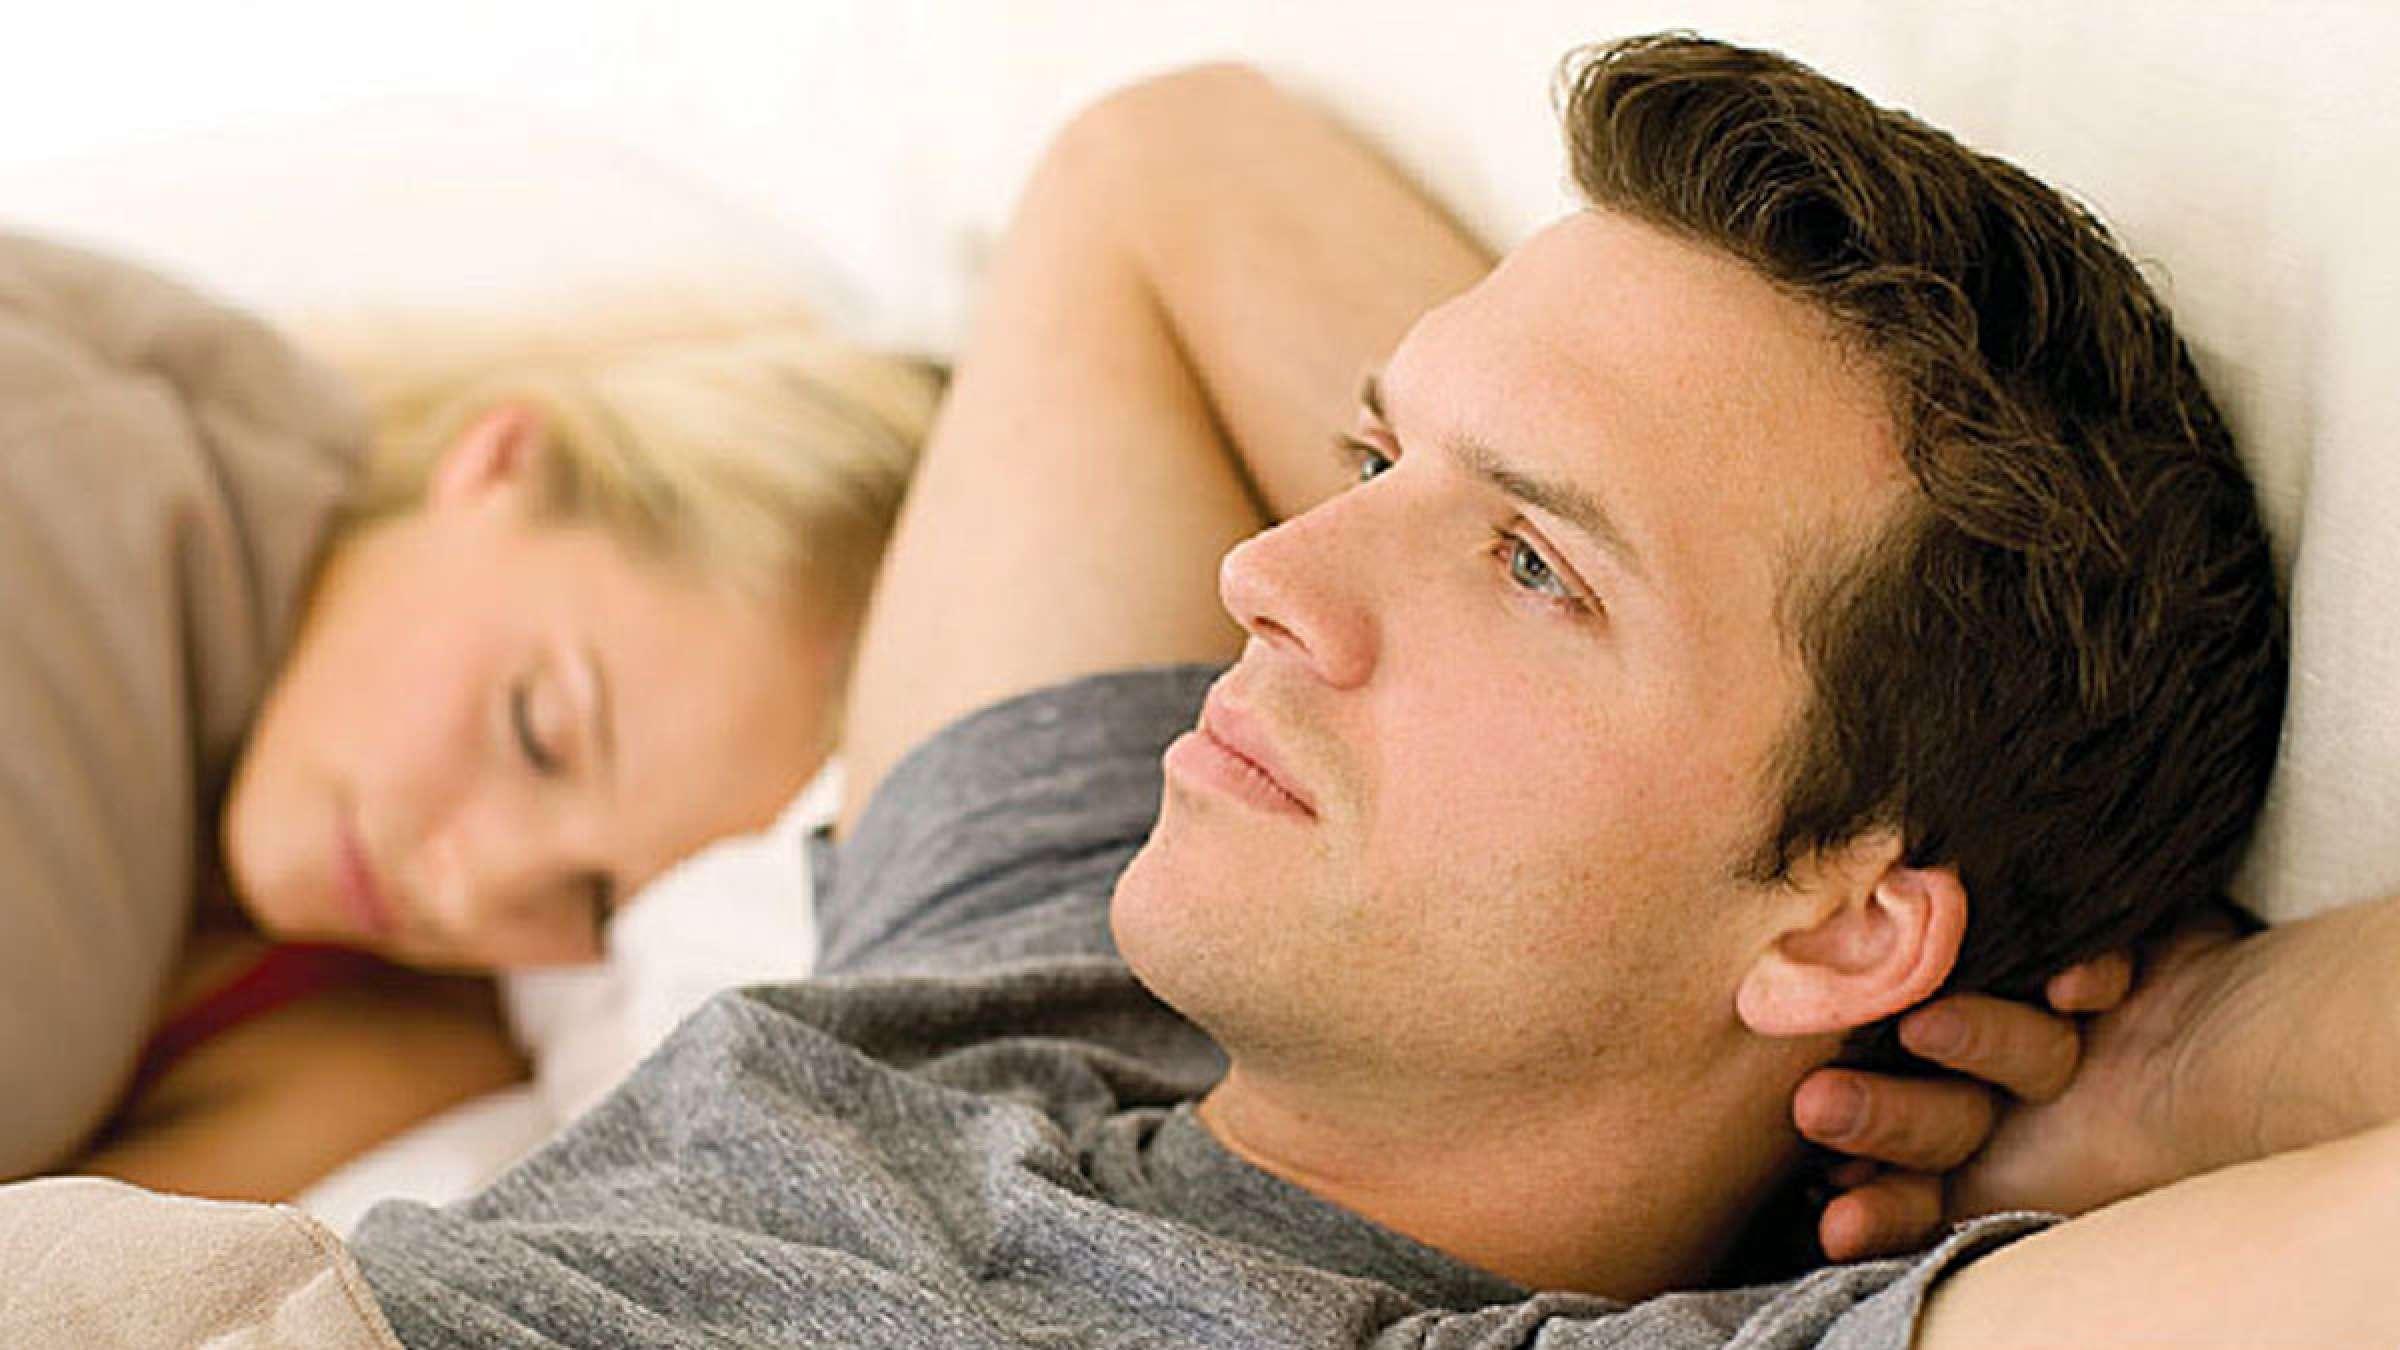 مقاله-علمی-کرونا-باعث-نقص-۶-برابری-عملکرد-جنسی-مردان-می-شود